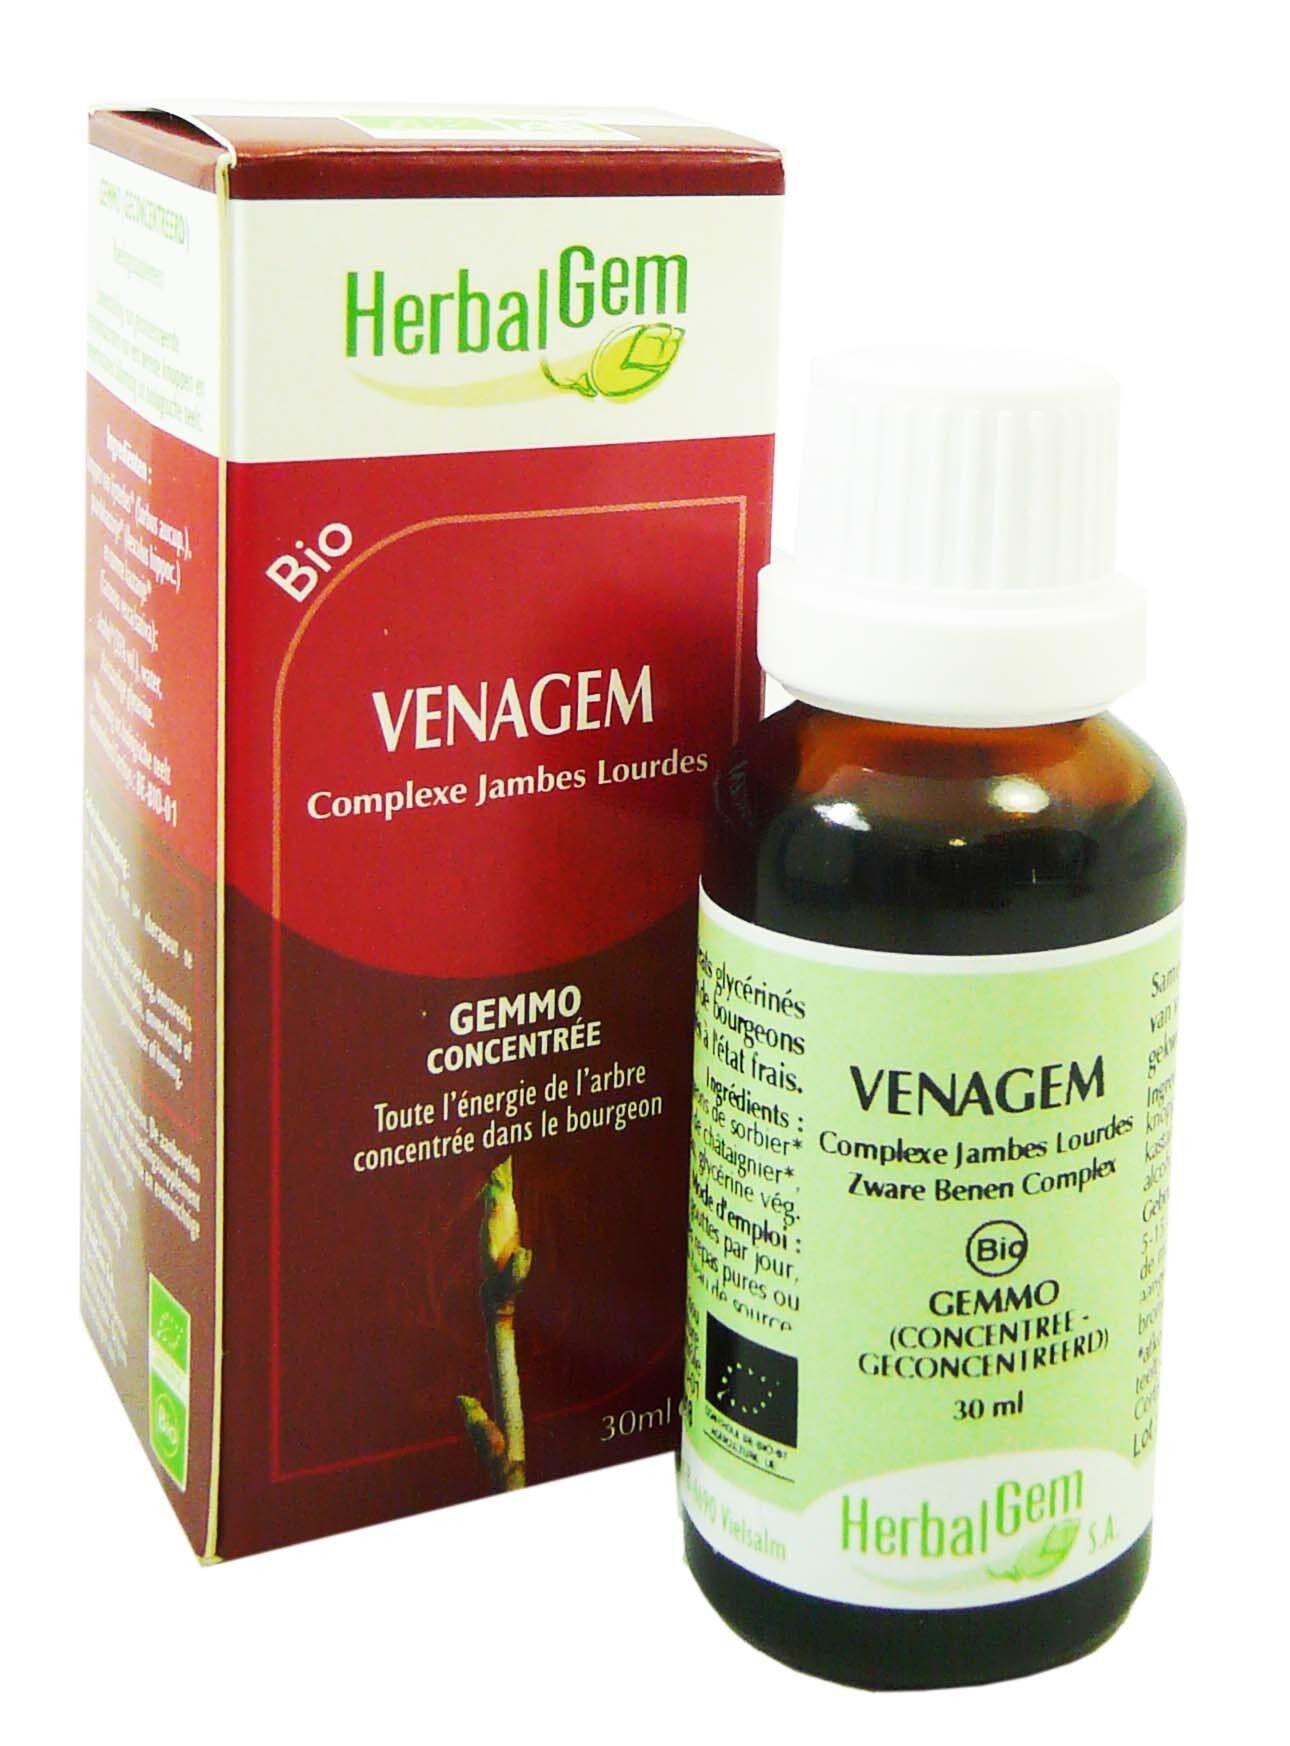 Herbalgem bio venagem gemmo concentre 30ml